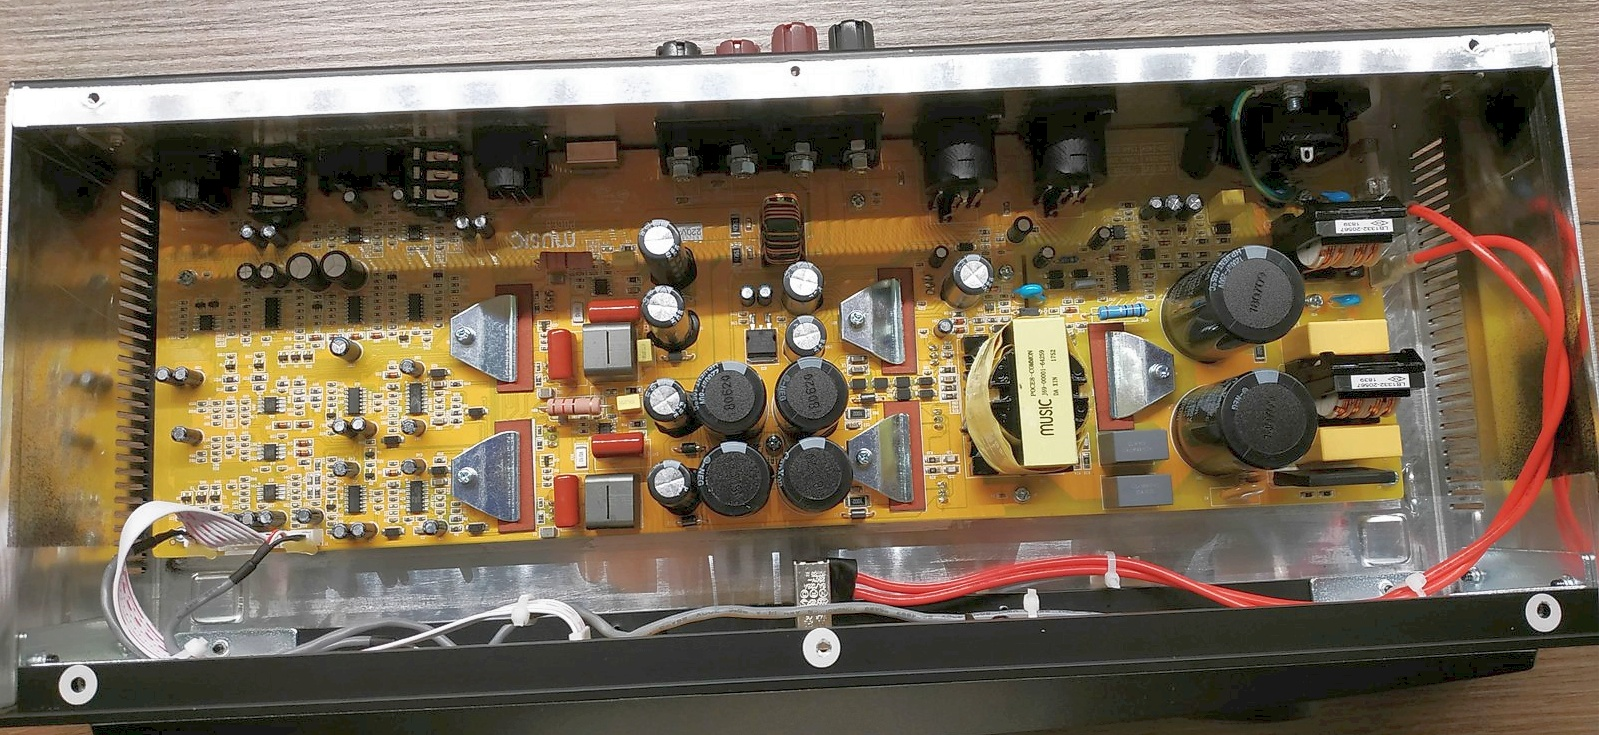 Behringer-A800-inside.jpg